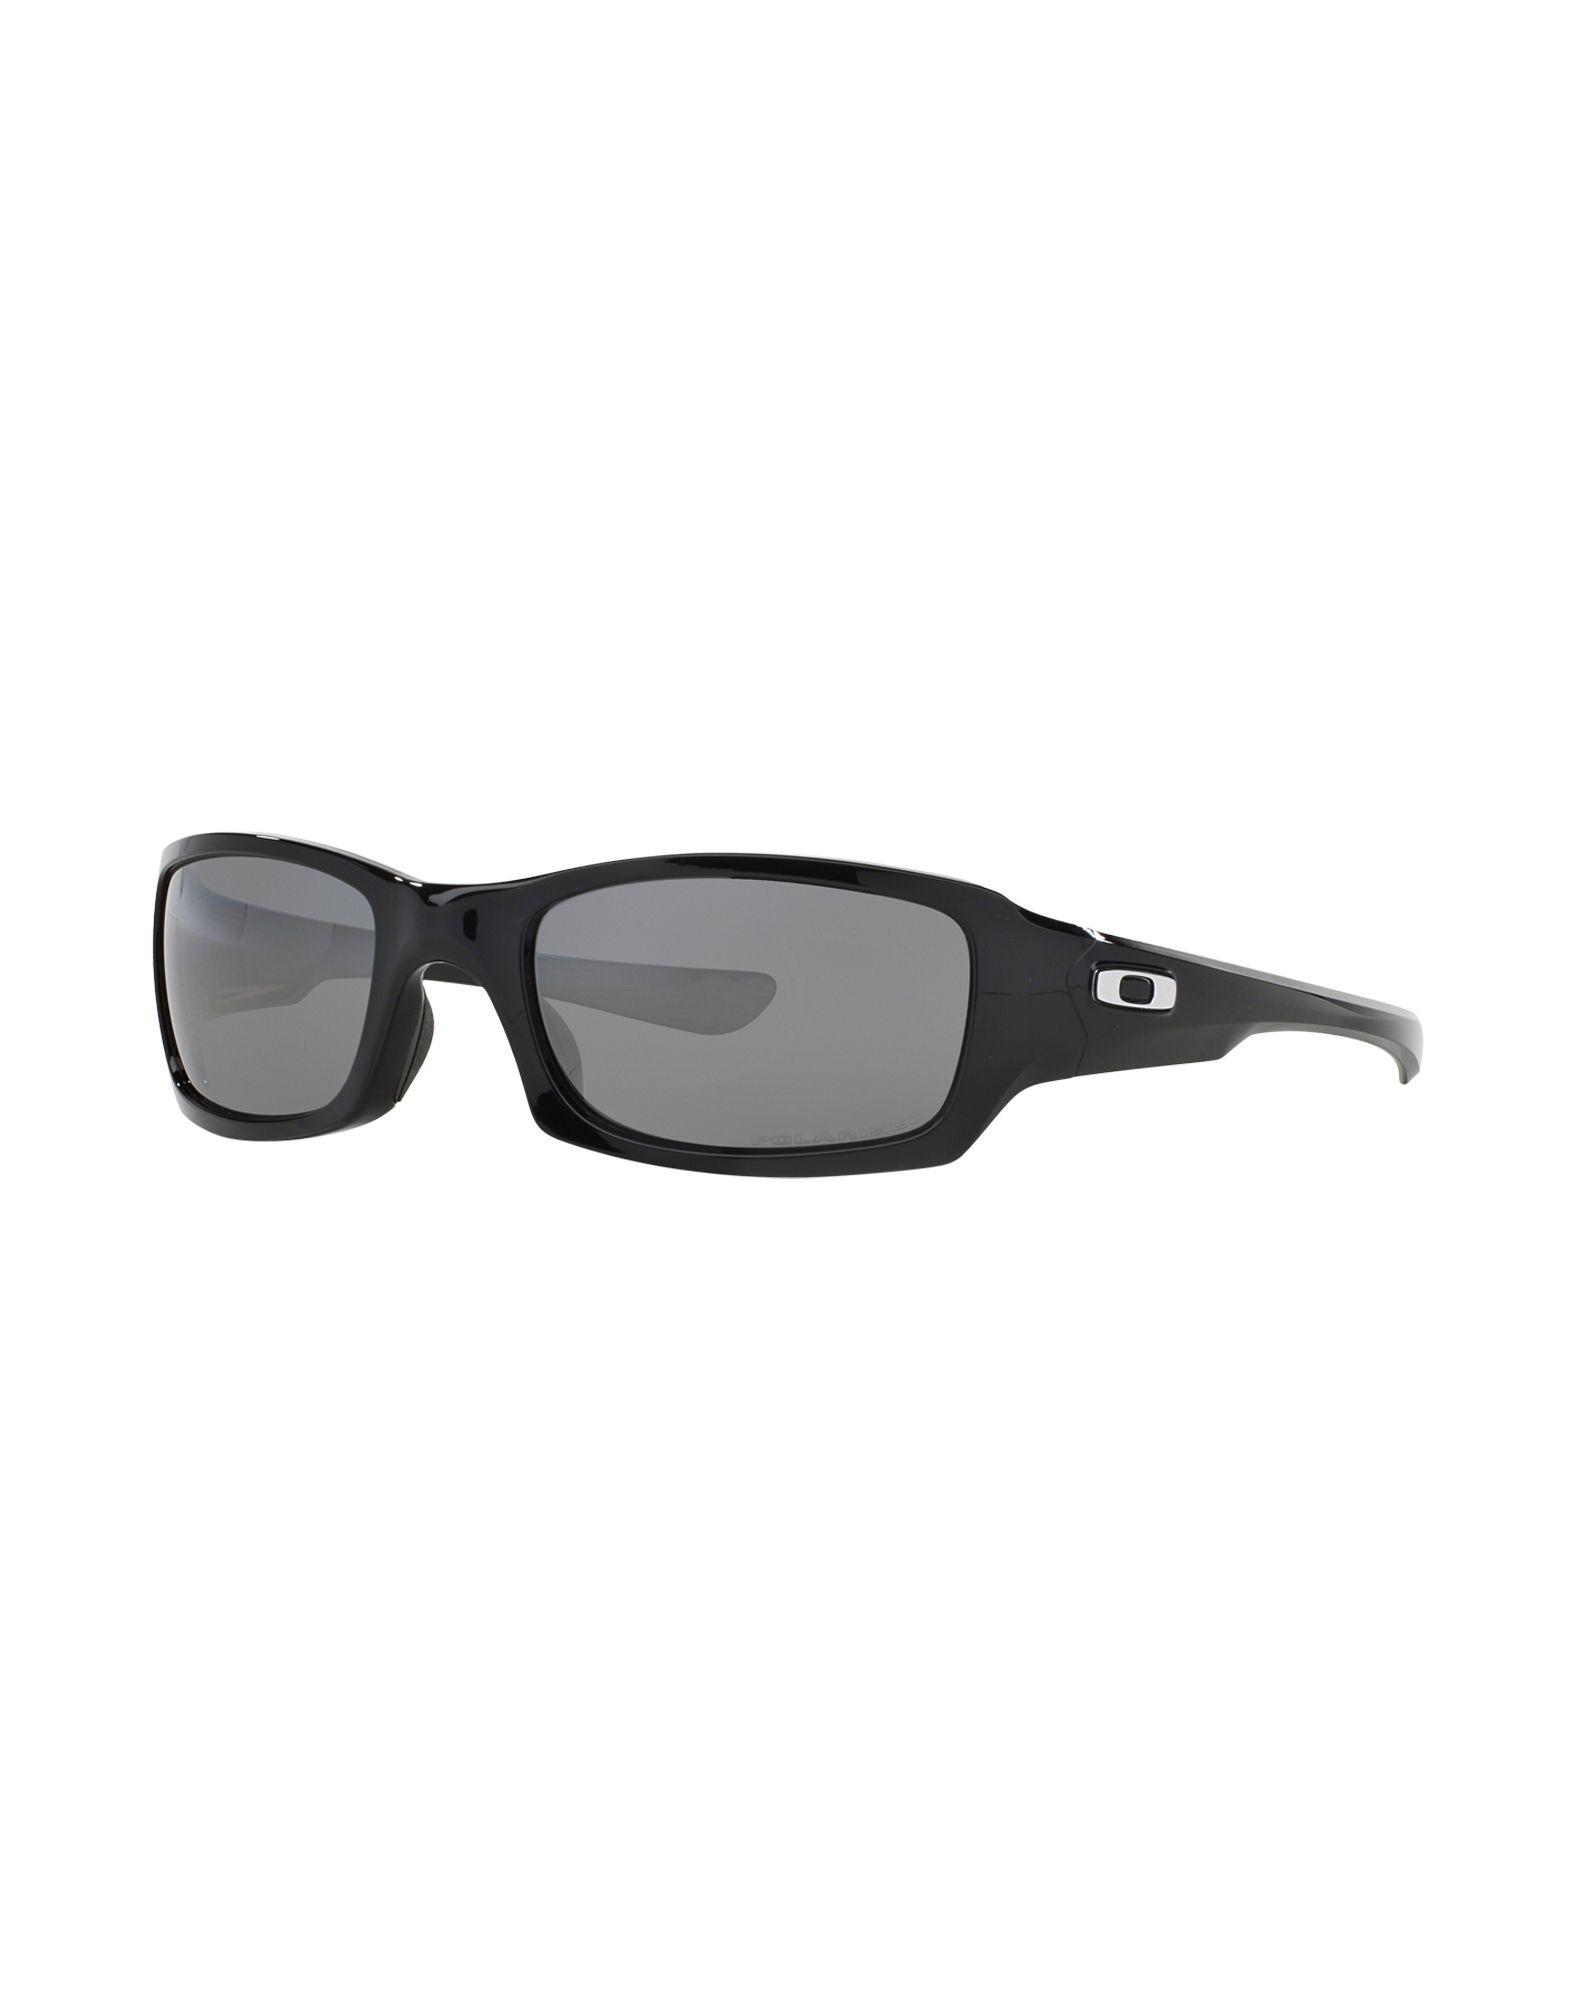 e2599c80f89 Sunglasses Oakley Gloves Black « Heritage Malta